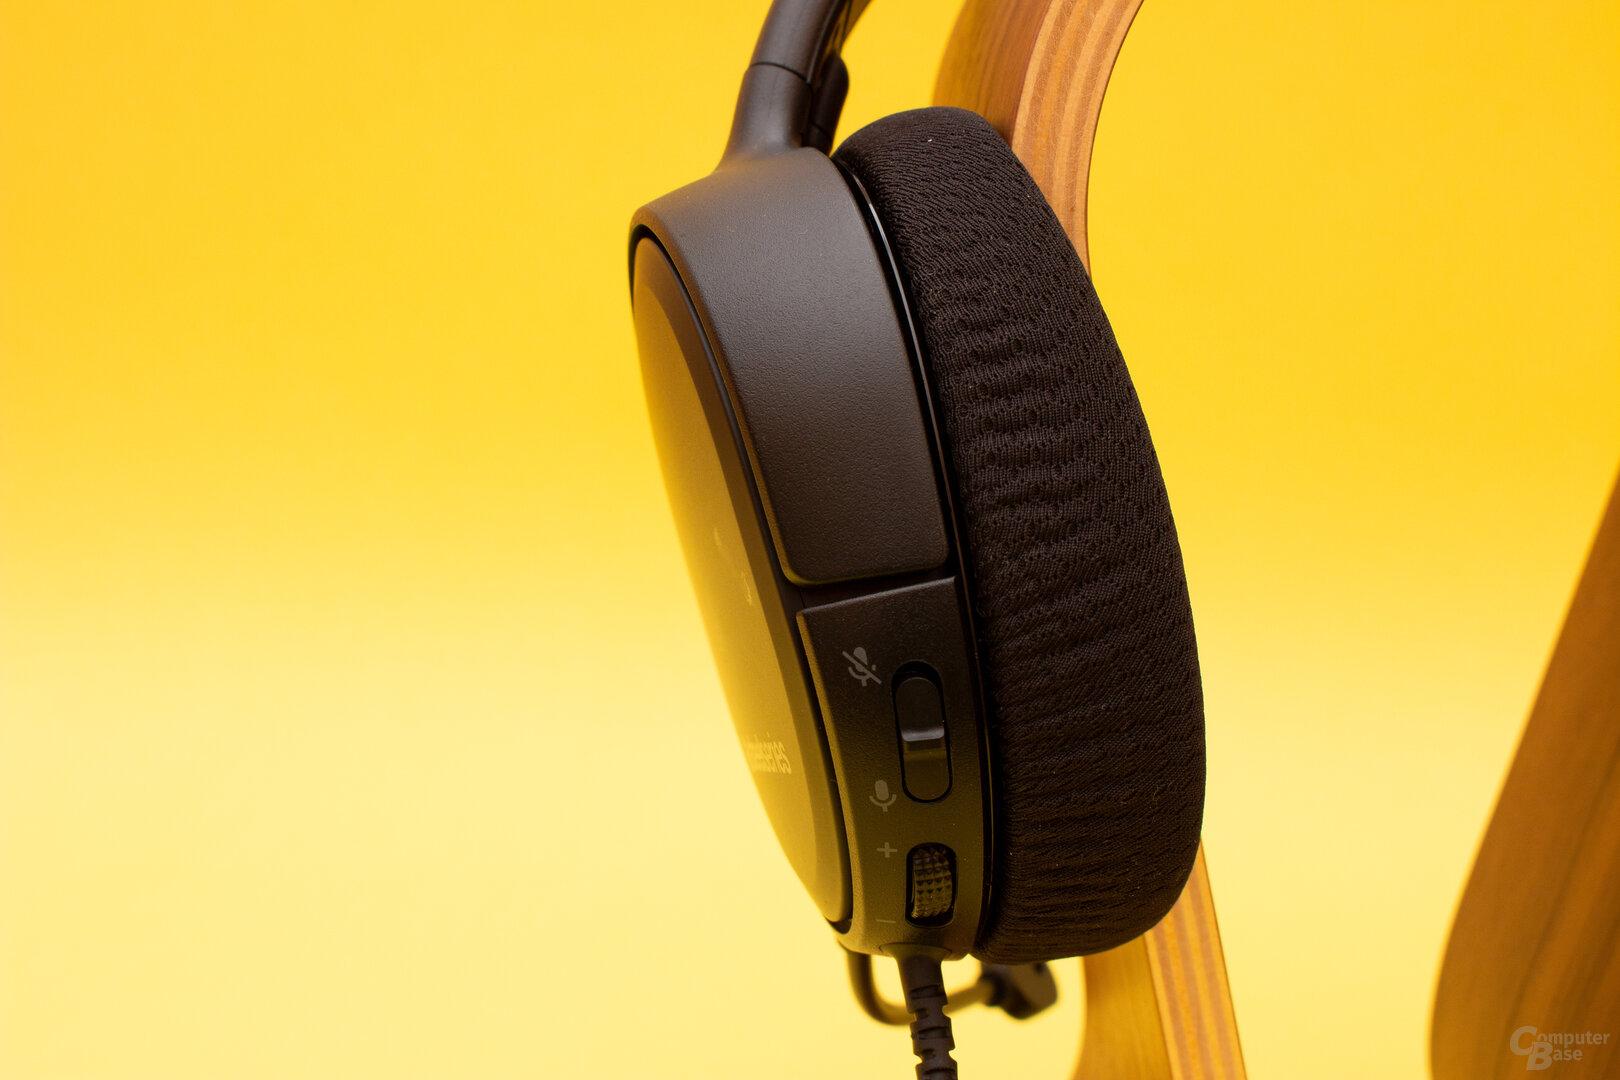 Die Lautstärke und die Mikrofonaktivierung lassen sich direkt am Headset einstellen